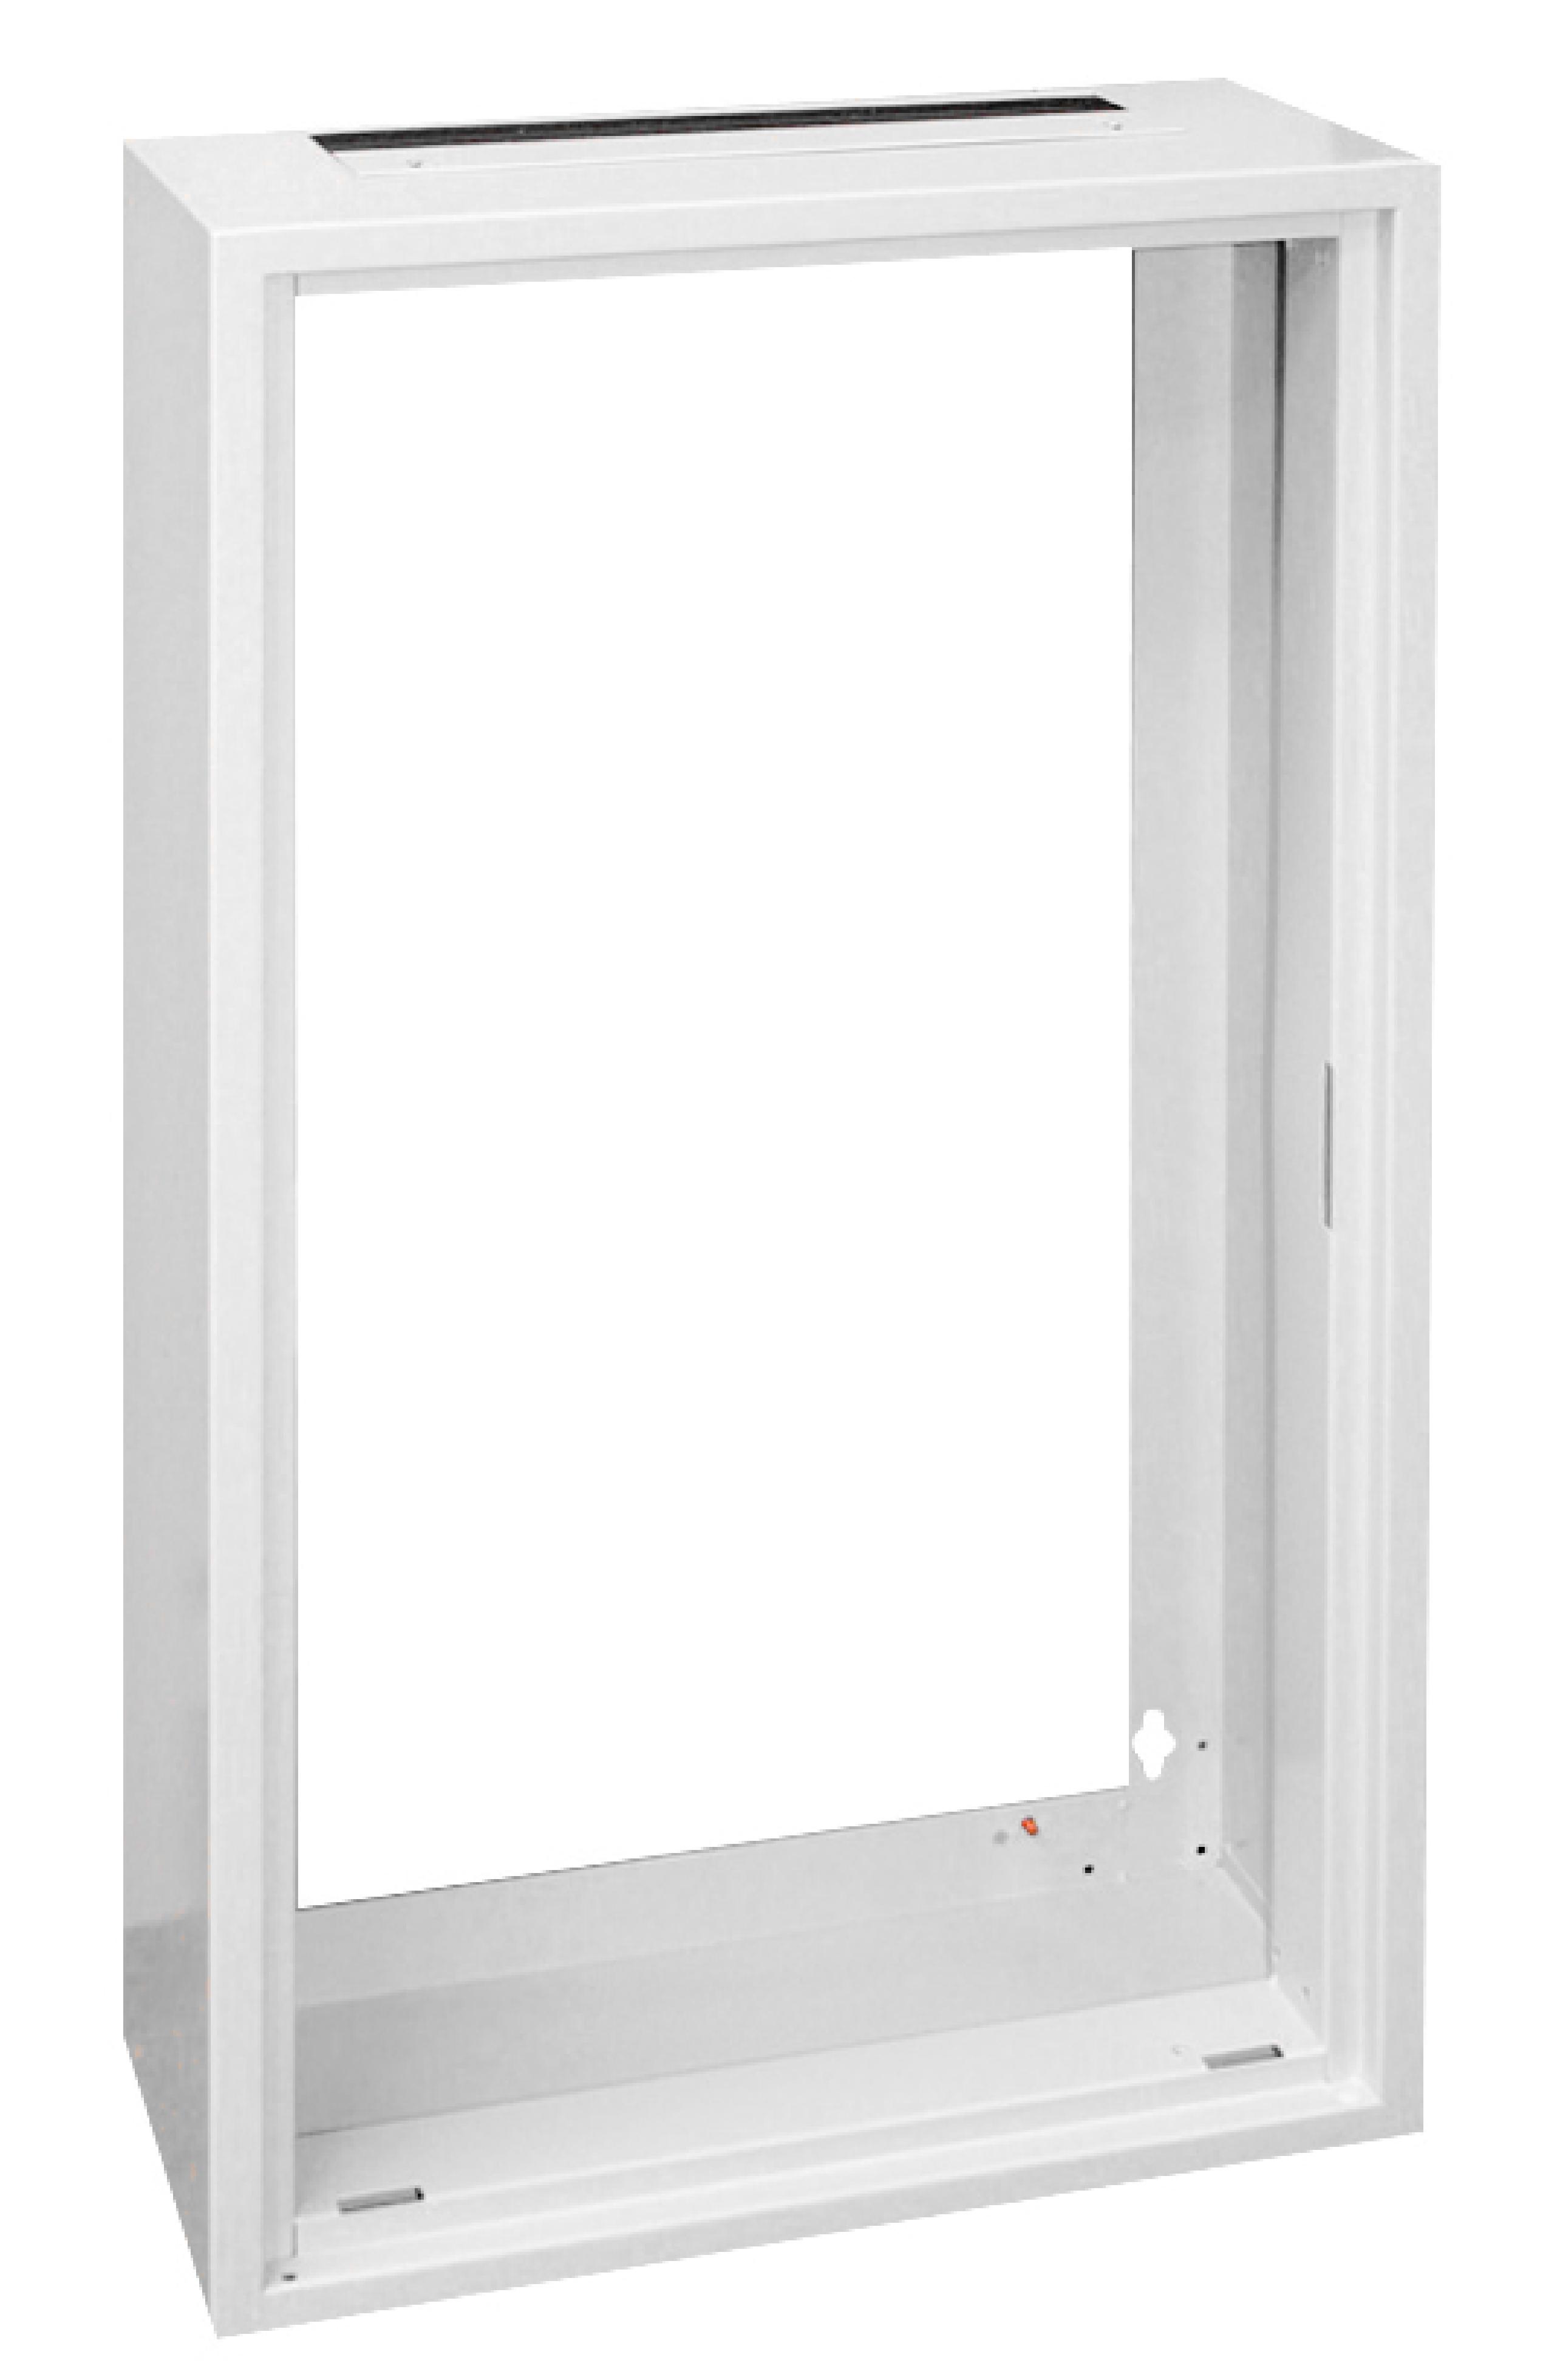 1 Stk AP-Rahmen ohne Türe und Rückwand 2A-7, H410B590T180mm IL001207-F